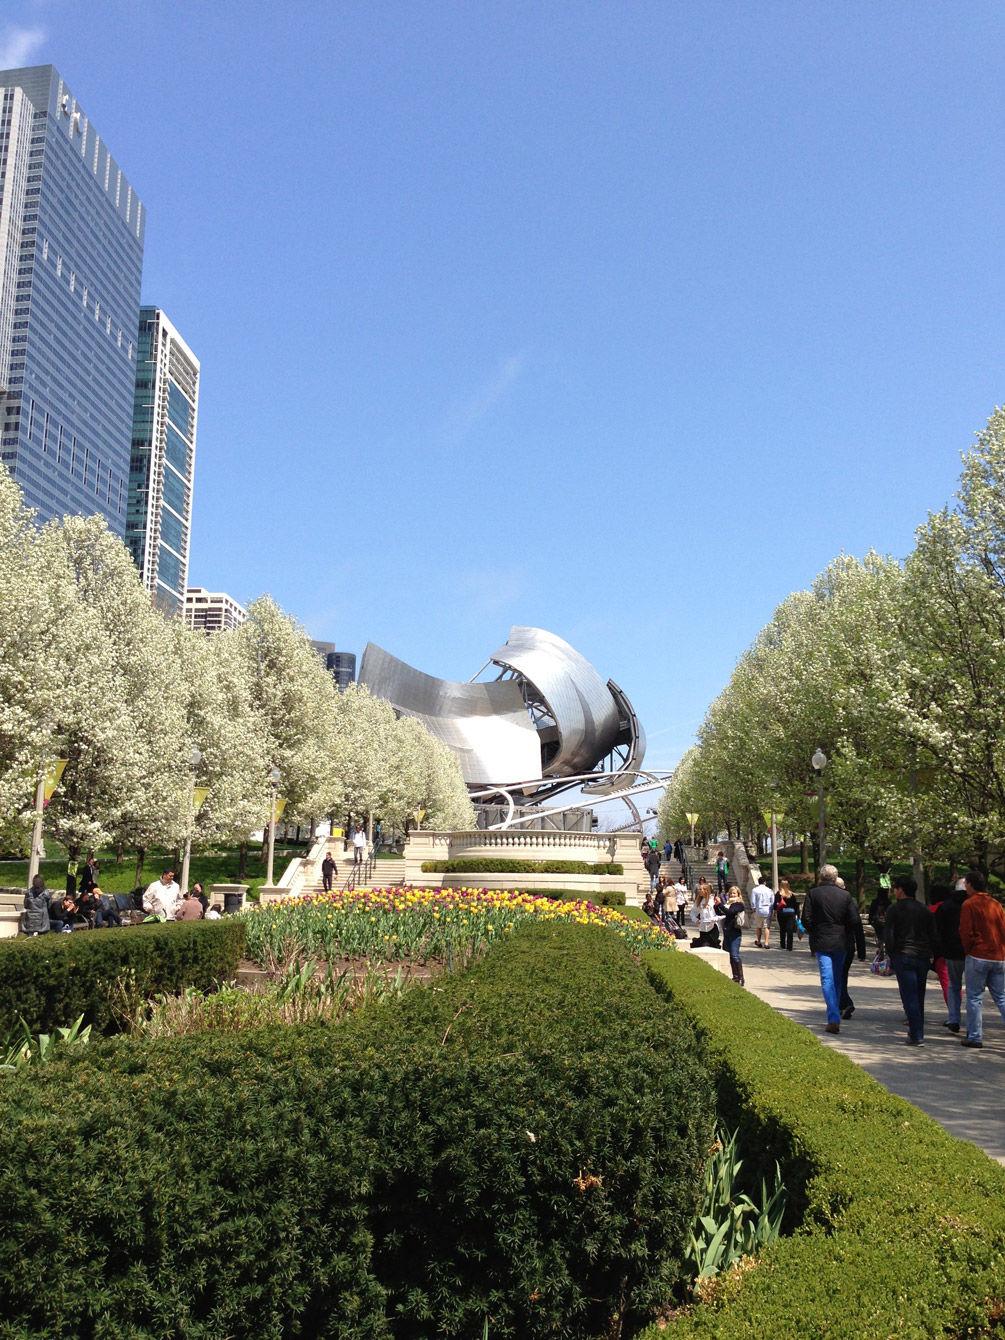 The entrance to Millenium Park.